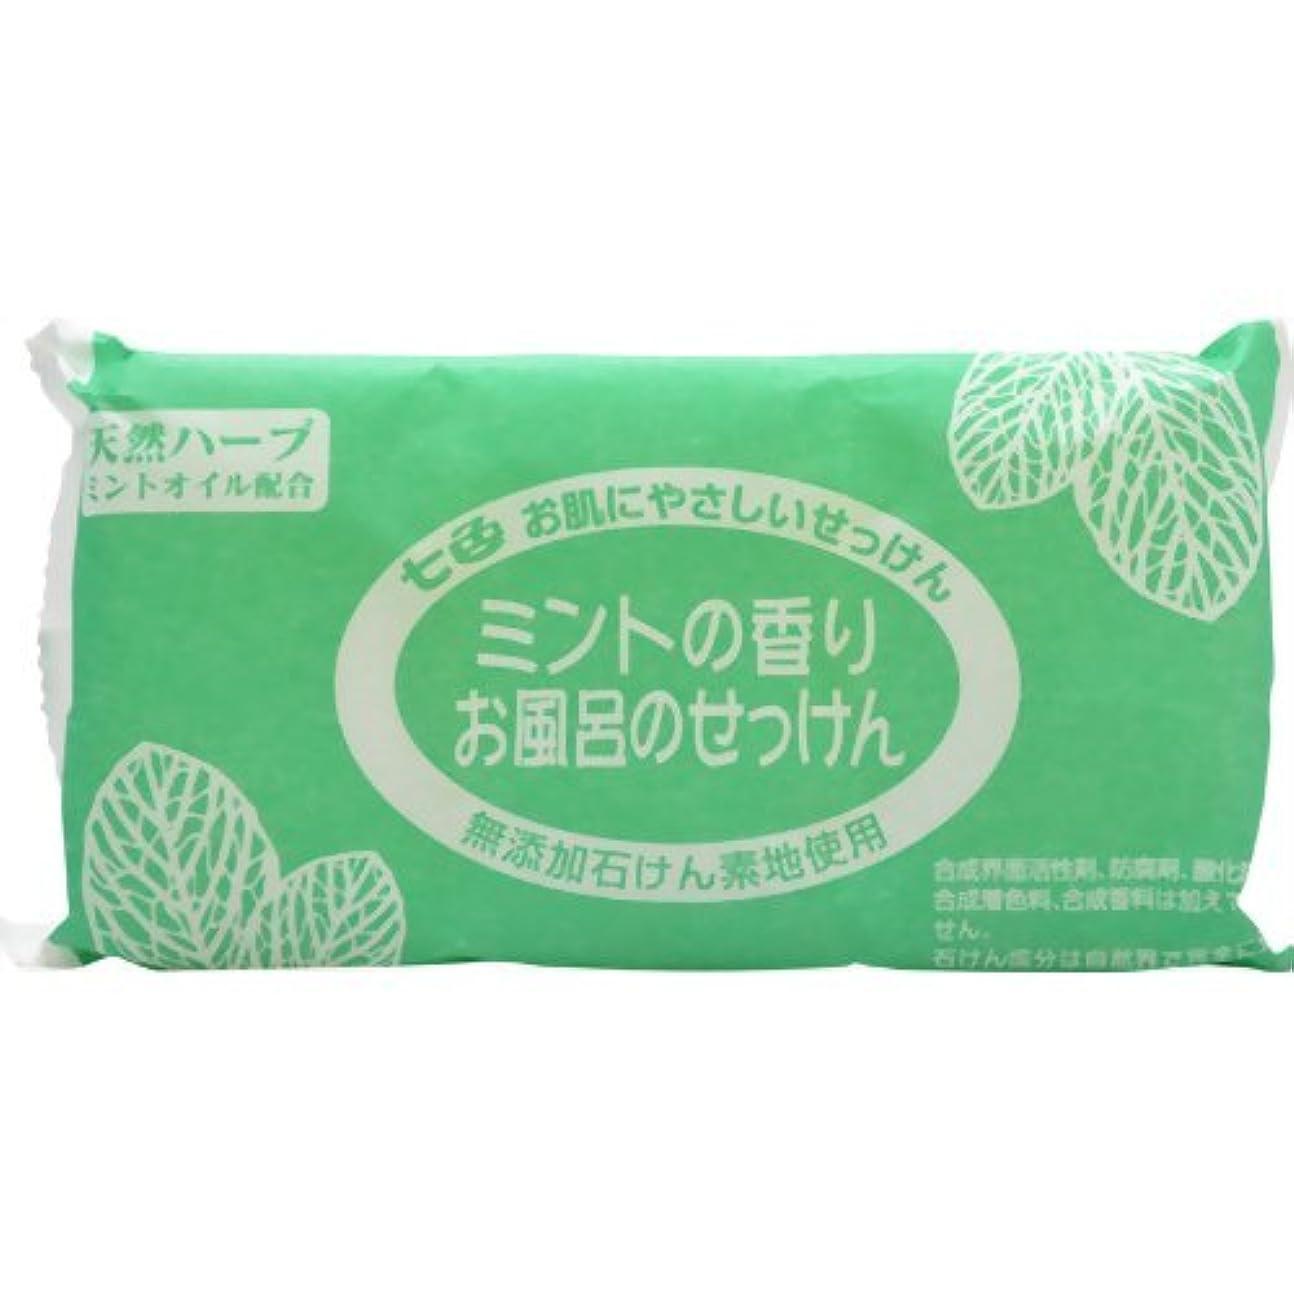 男まだ制限七色 お風呂のせっけん ミントの香り(無添加石鹸) 100g×3個入